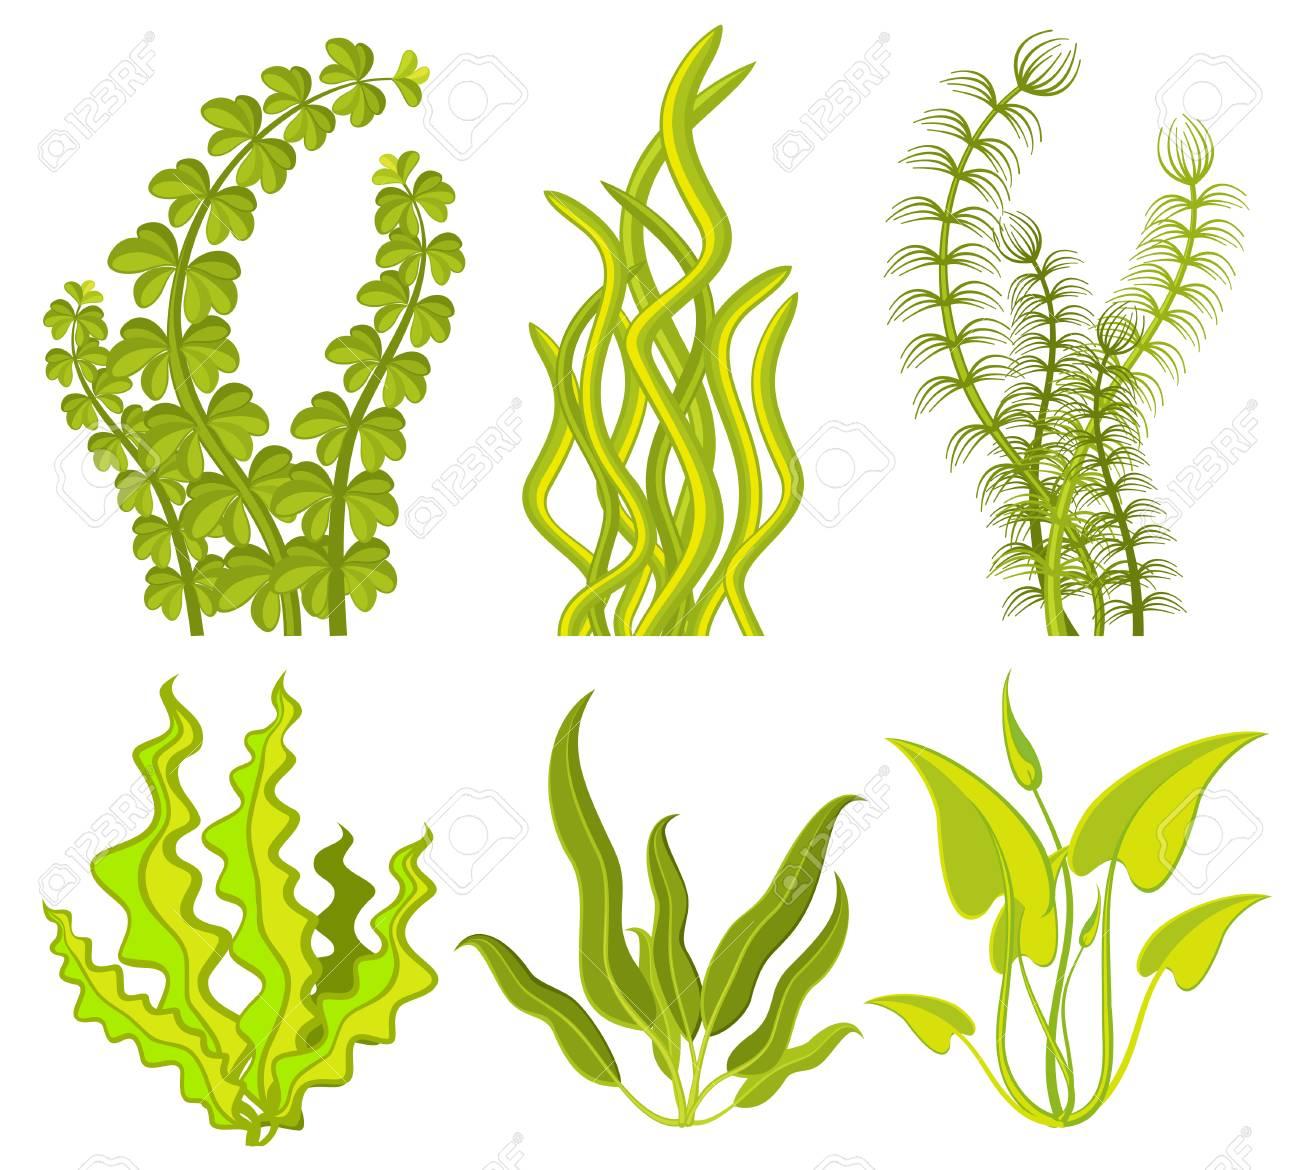 underwater seaweed vector elements royalty free cliparts vectors rh 123rf com seaweed vector images seaweed vector background